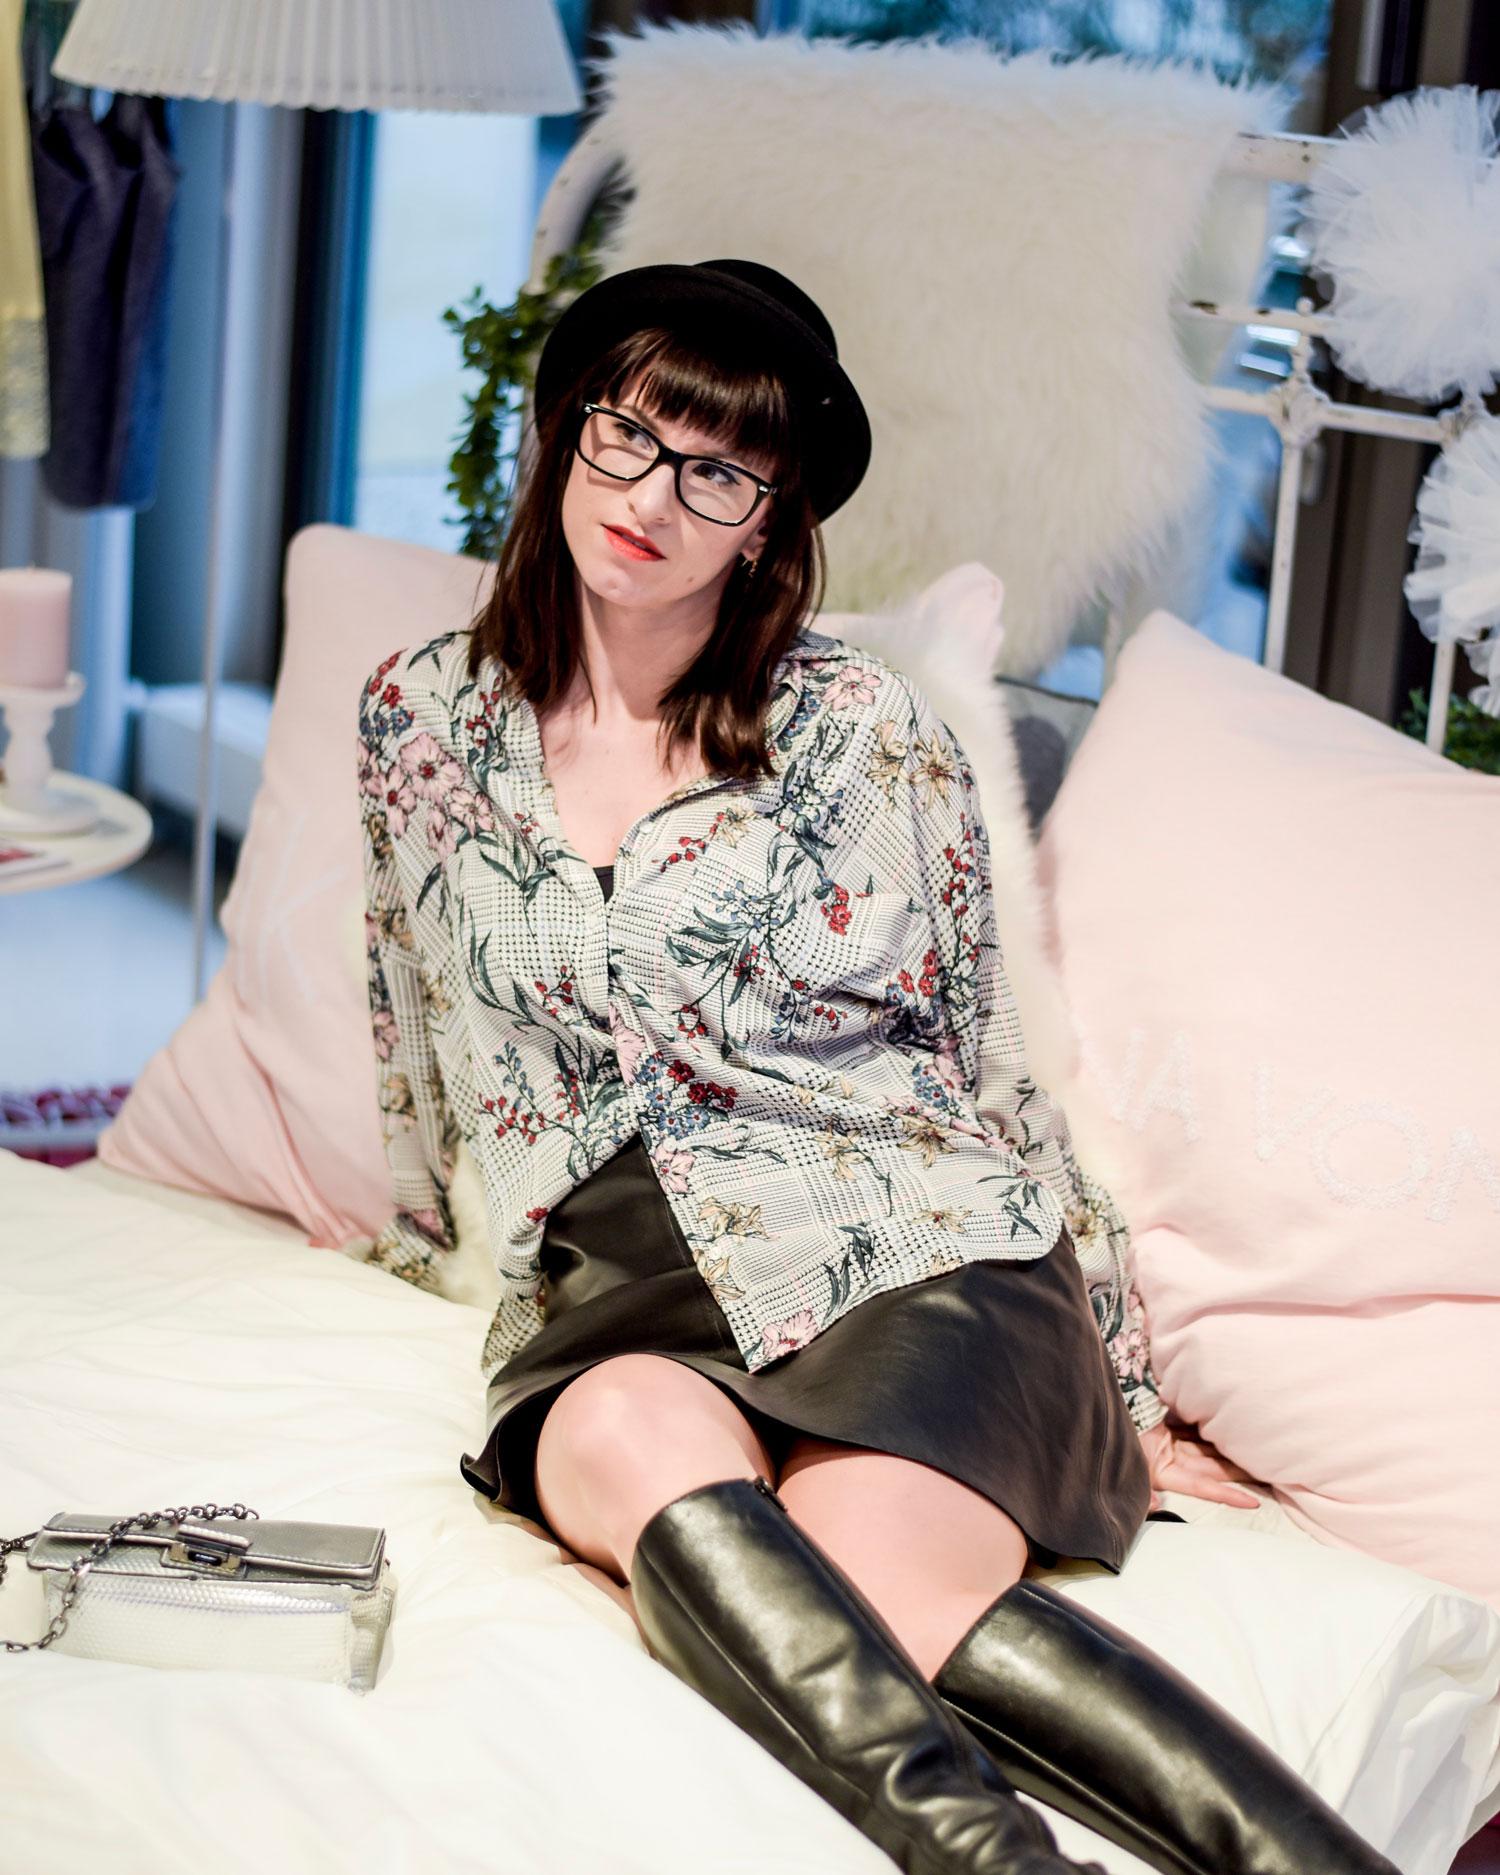 Outfits: grau-karierte-Bluse mit Blumenmuster von Zara, Lederrock von Hallhuber, schwarze Top von Zara